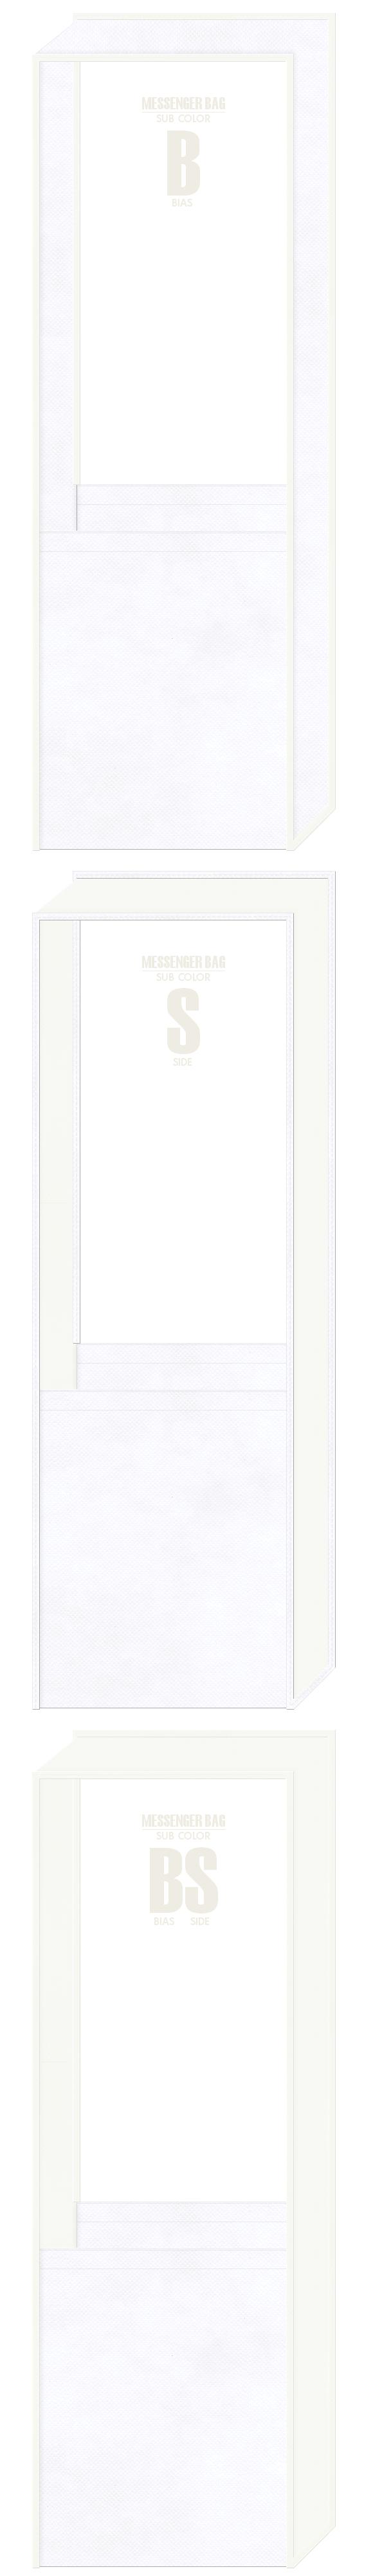 白色とオフホワイト色の不織布メッセンジャーバッグのデザイン